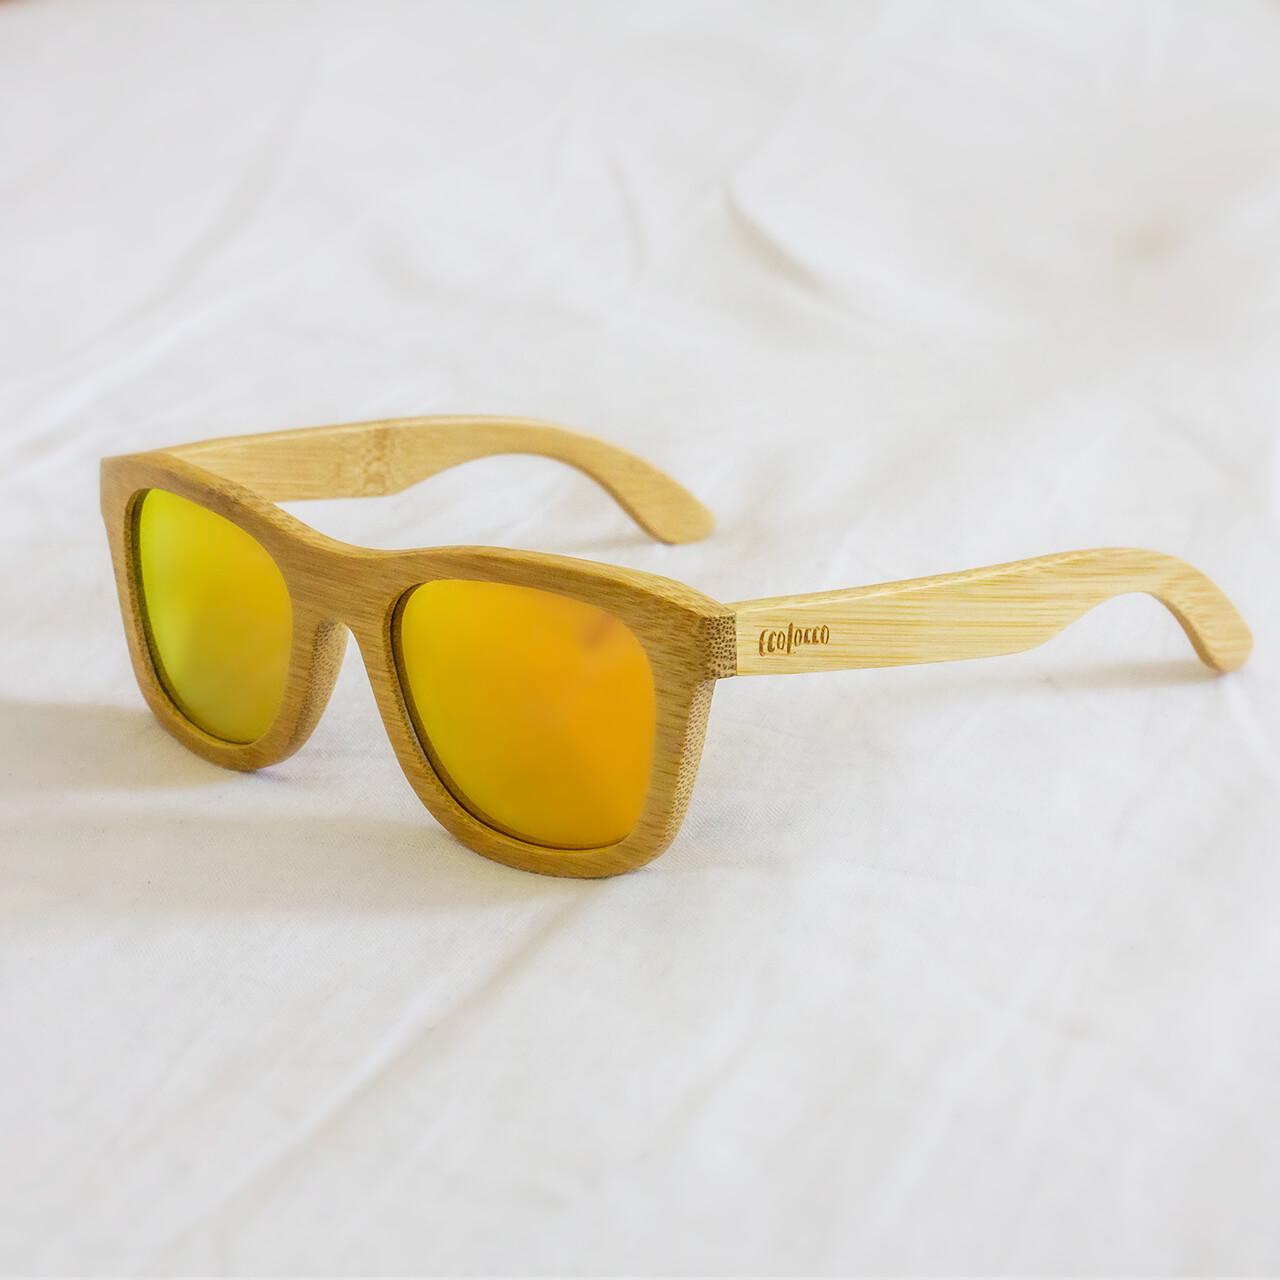 """a397a410f Bambusové slnečné okuliare s polarizačnými sklami """"Sunrise"""" – ecolocco"""